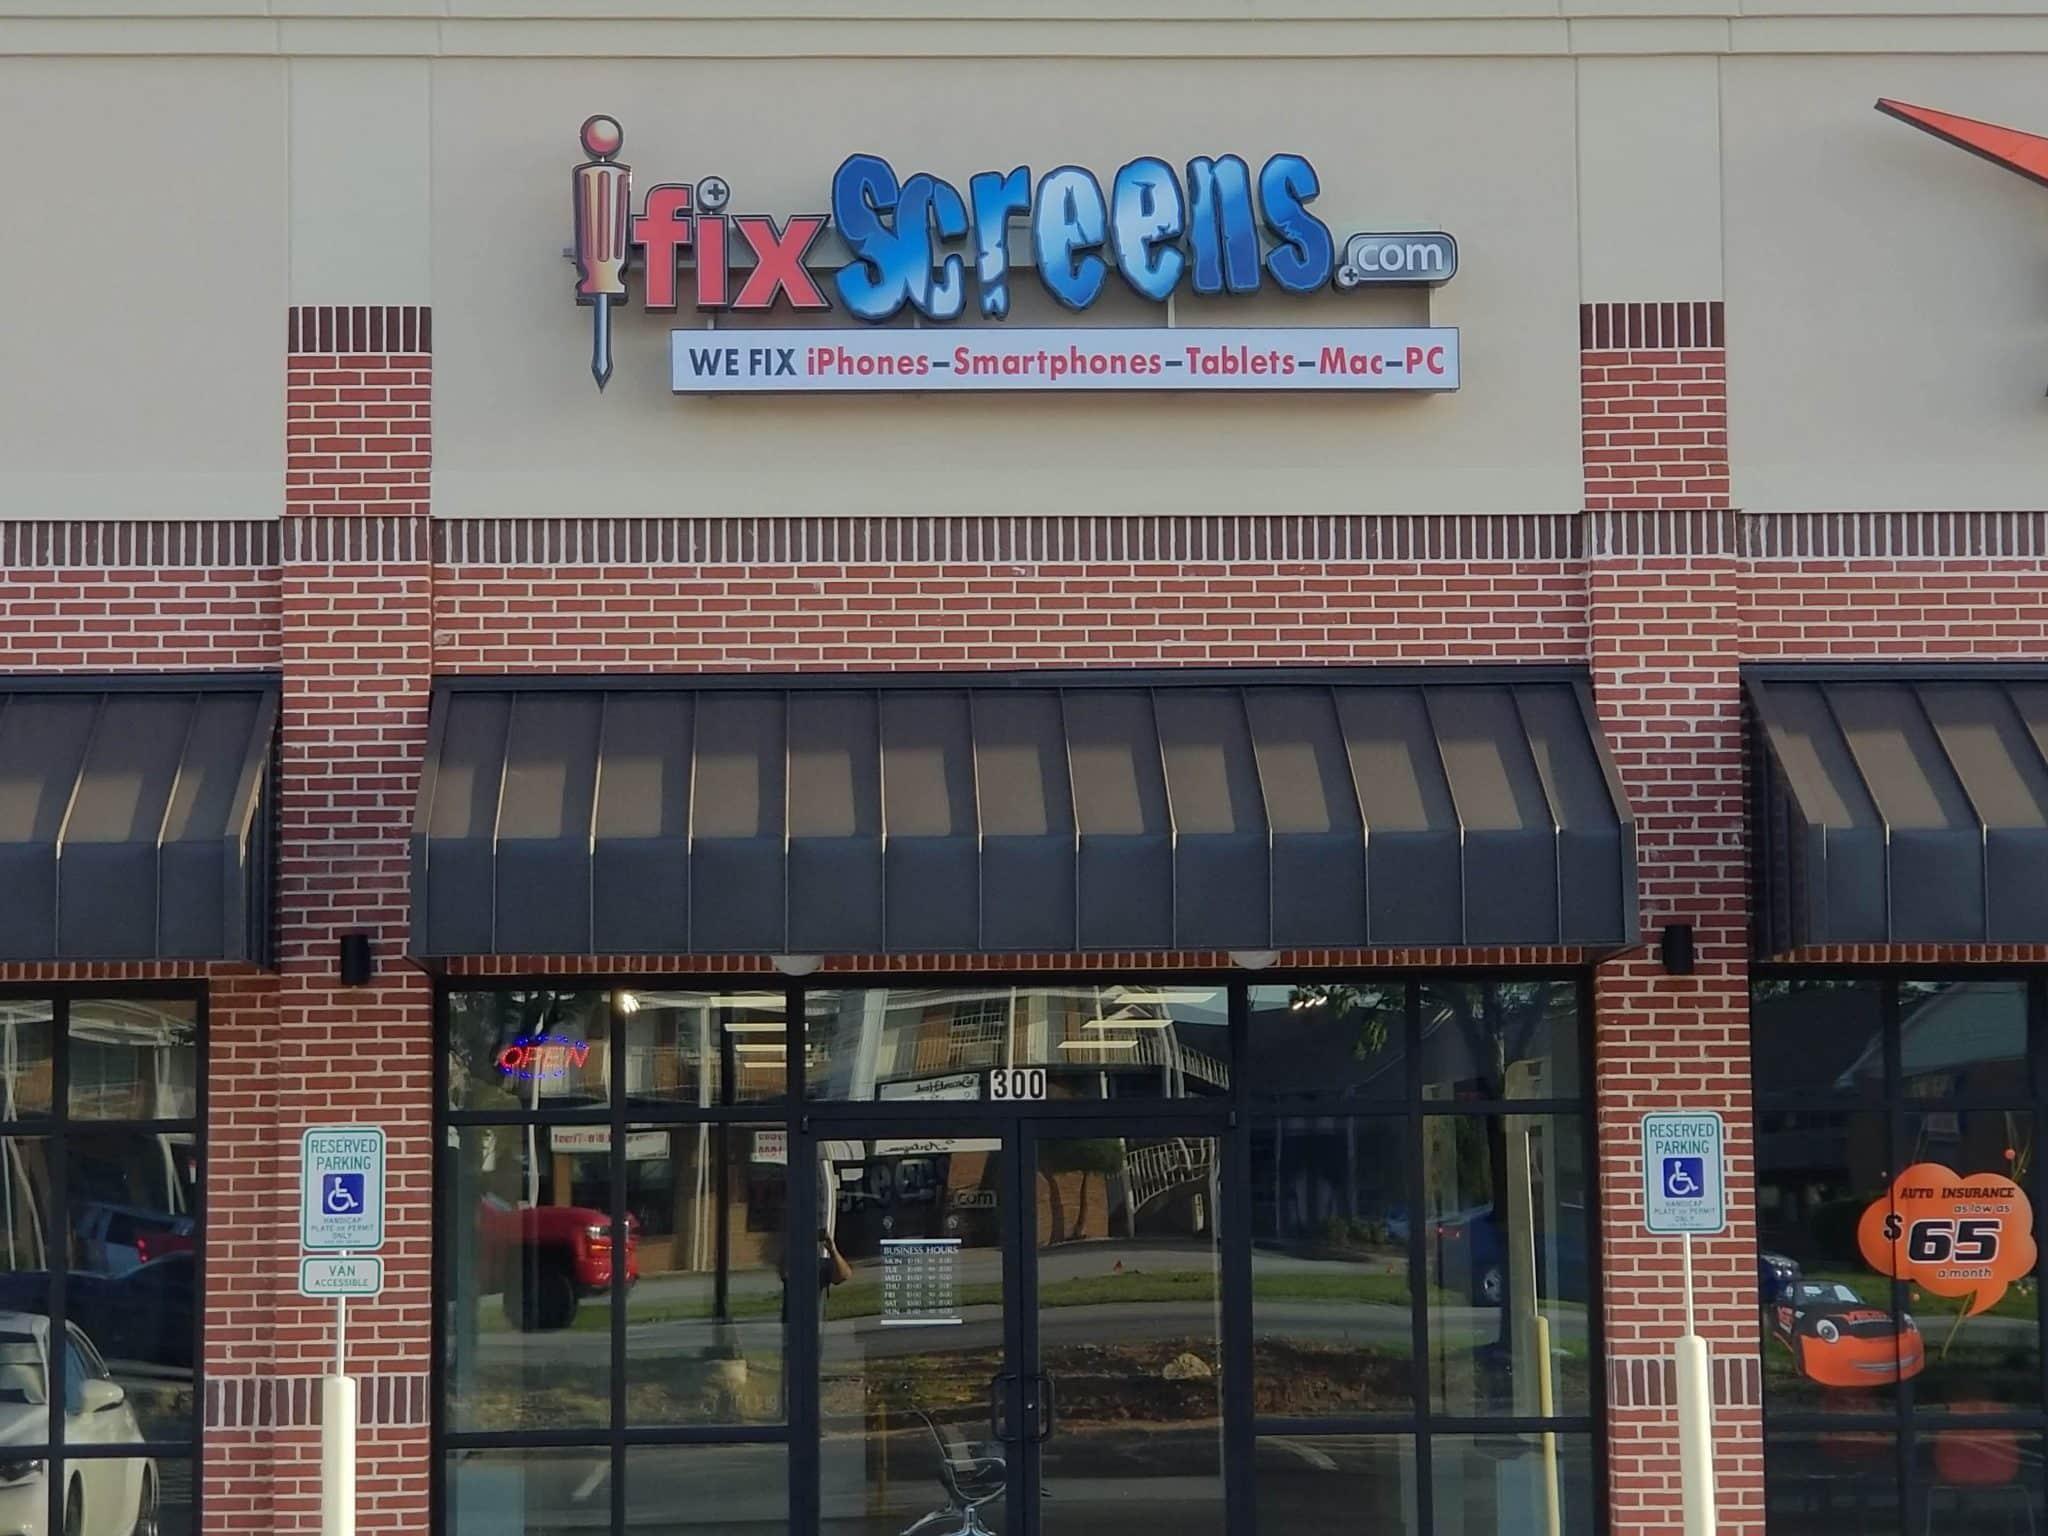 iFixScreens-Loganville repair center